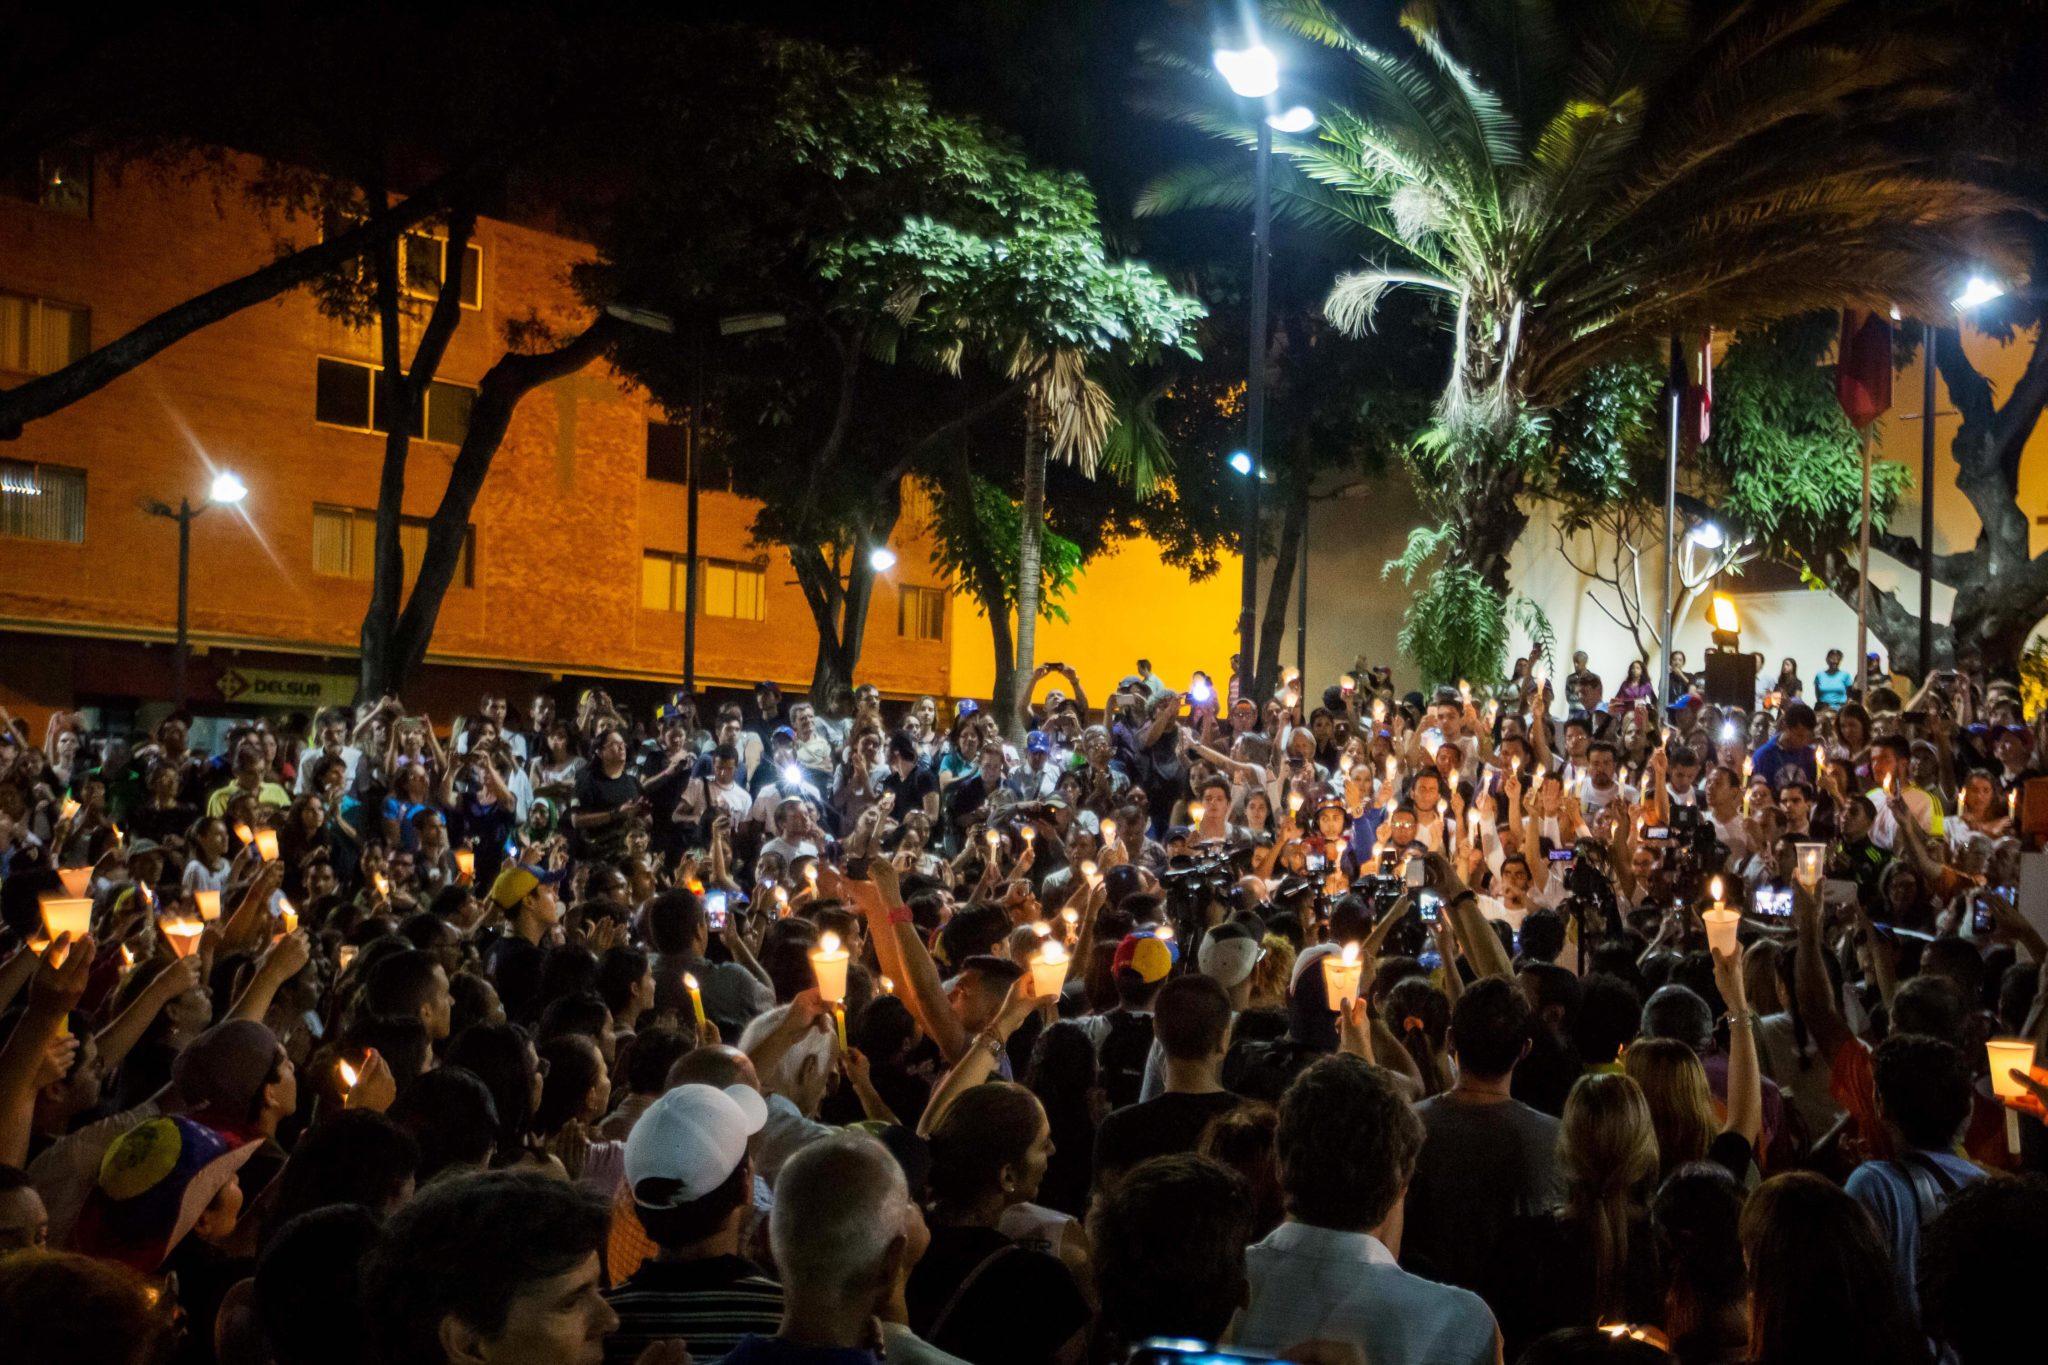 Wenezuela: pokojowa manifestacja, połączona z modlitwą w intencji studentów, zabitych podczas antyrządowej manifestacji w Caracas (foto. PAP/EPA/MIGUEL GUTIERREZ)